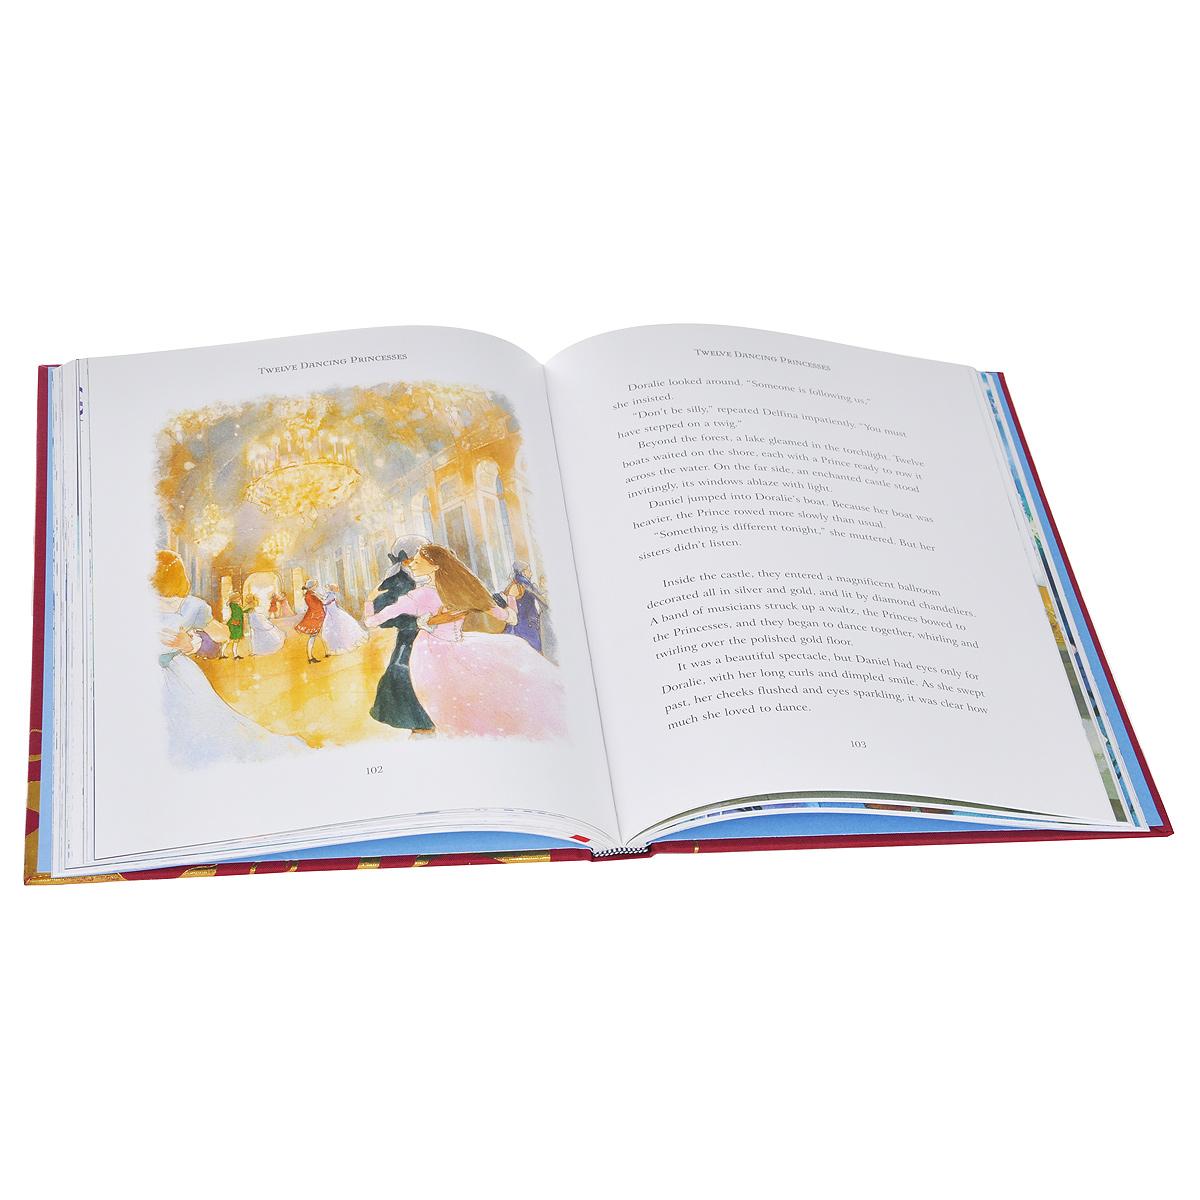 The Usborne Fairytale Treasury